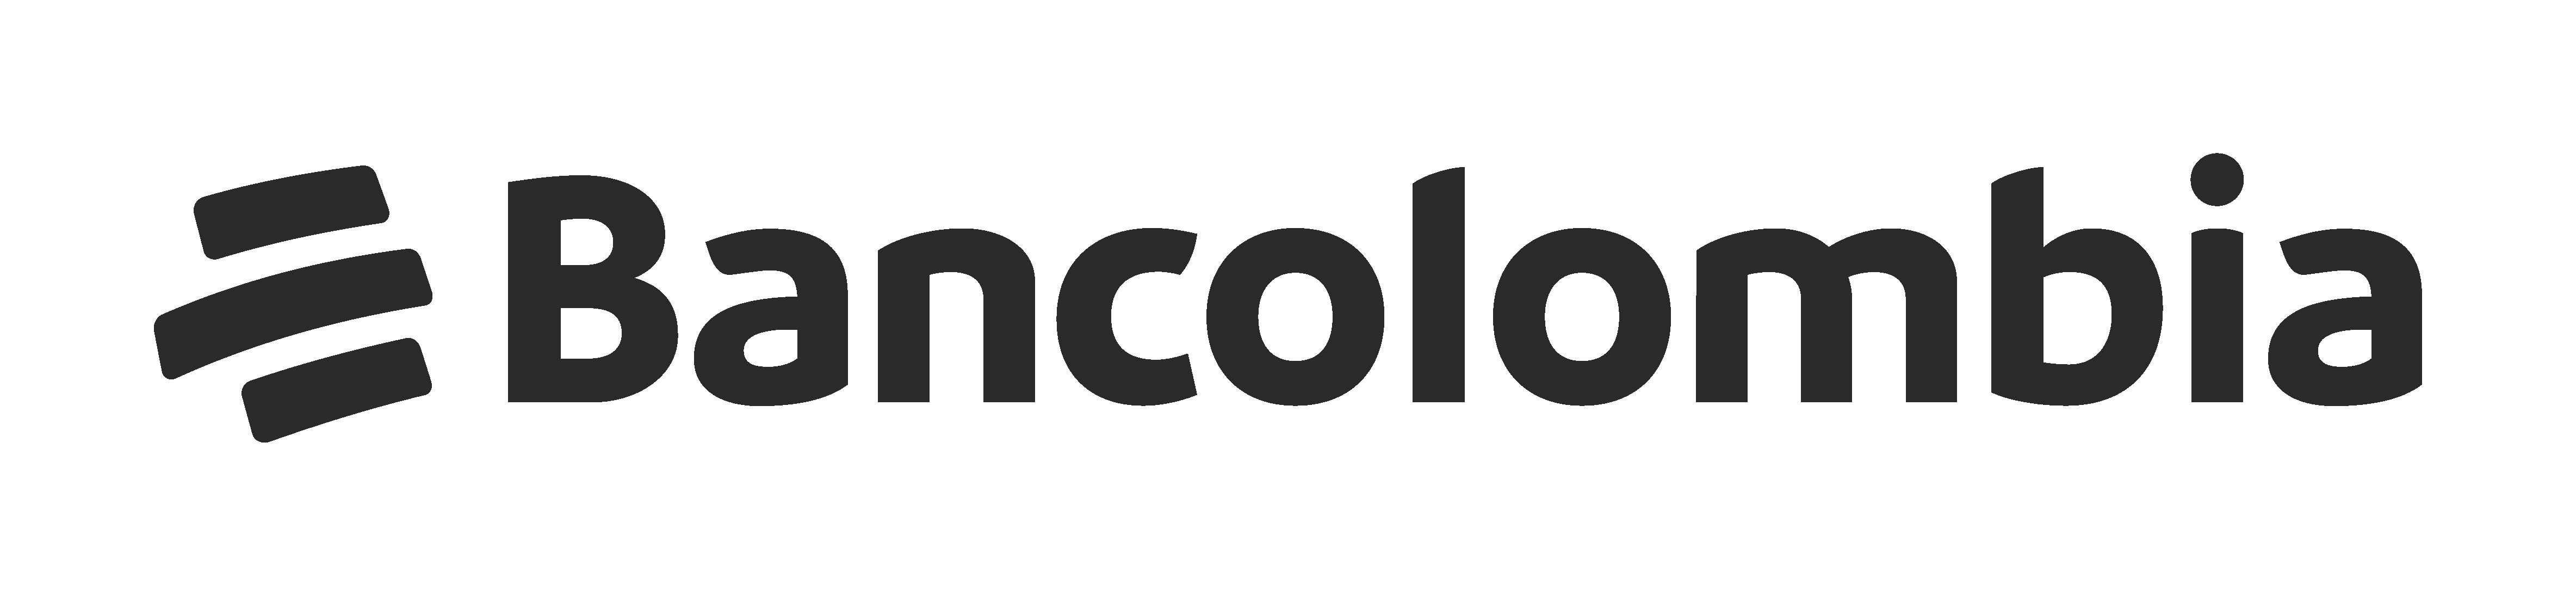 Bancolombia SA